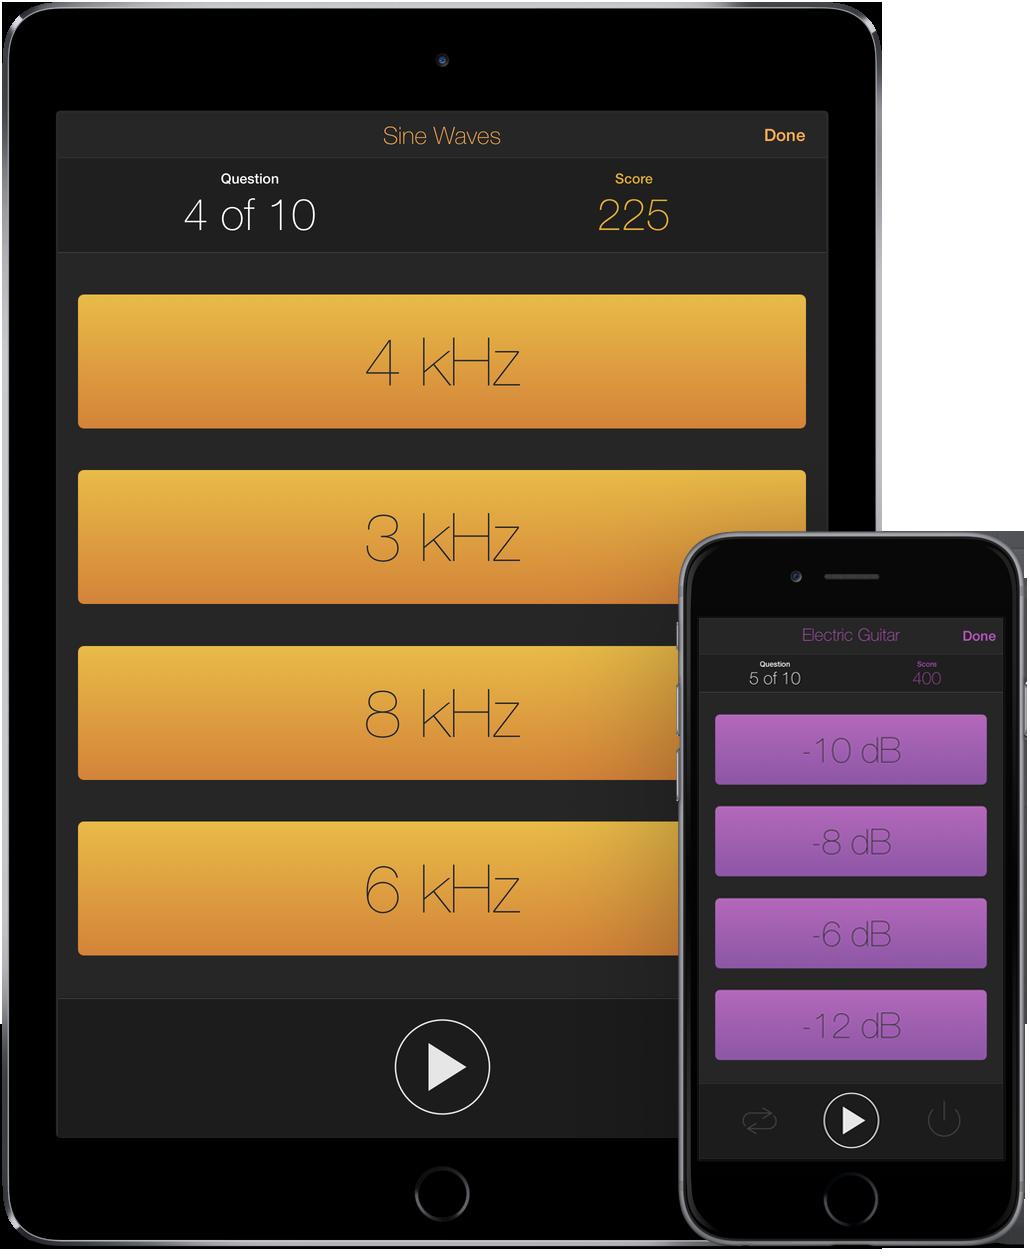 Mejores Apps De Entrenamiento Auditivo Para Ing / Prod